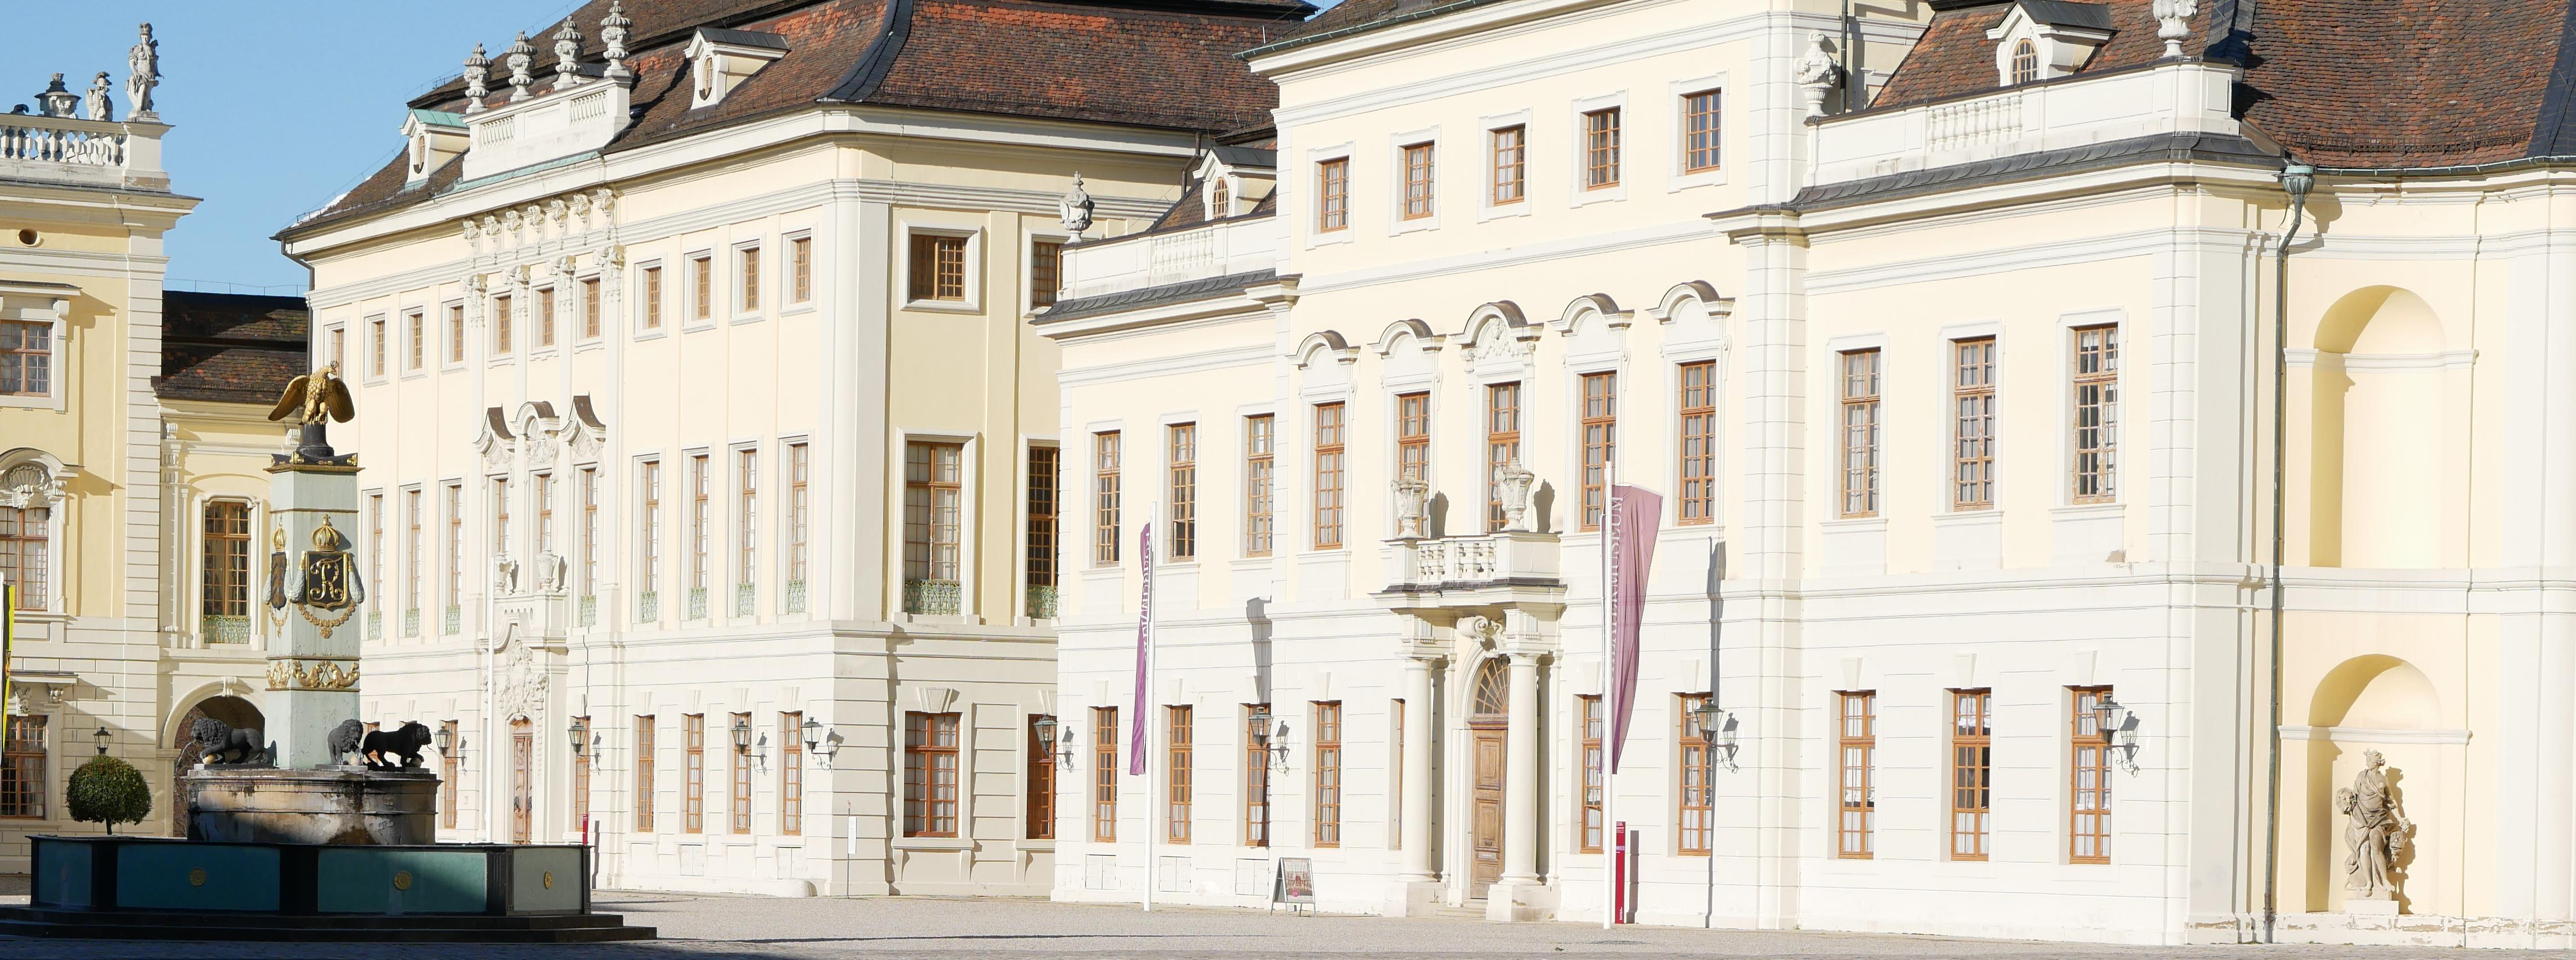 Das Barockschloss Ludwigsburg hat im Jahr über 300.000 Besucher. Foto: Uwe Roth